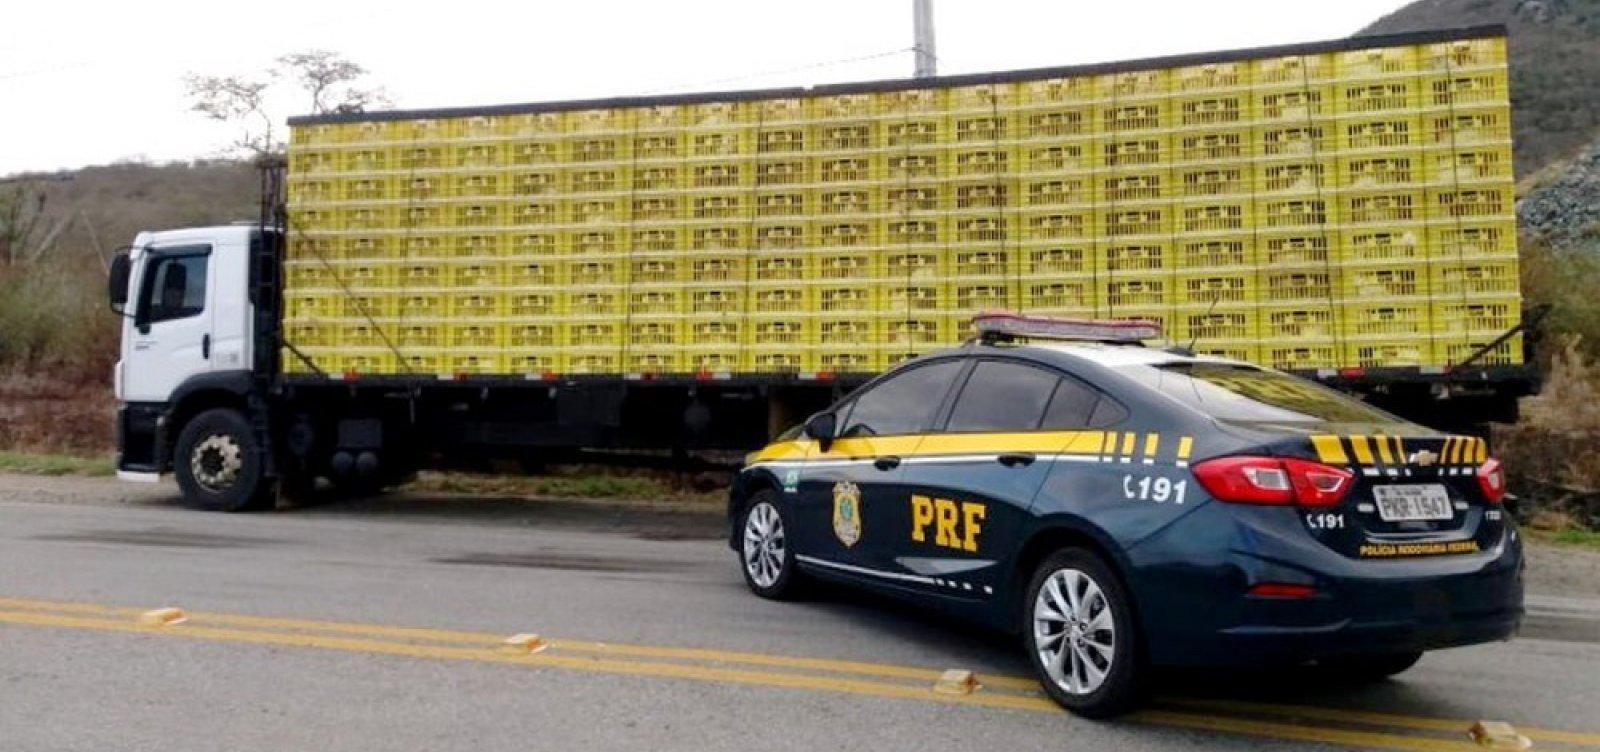 Mais de 3 mil galinhas transportadas irregularmente são apreendidas na Bahia